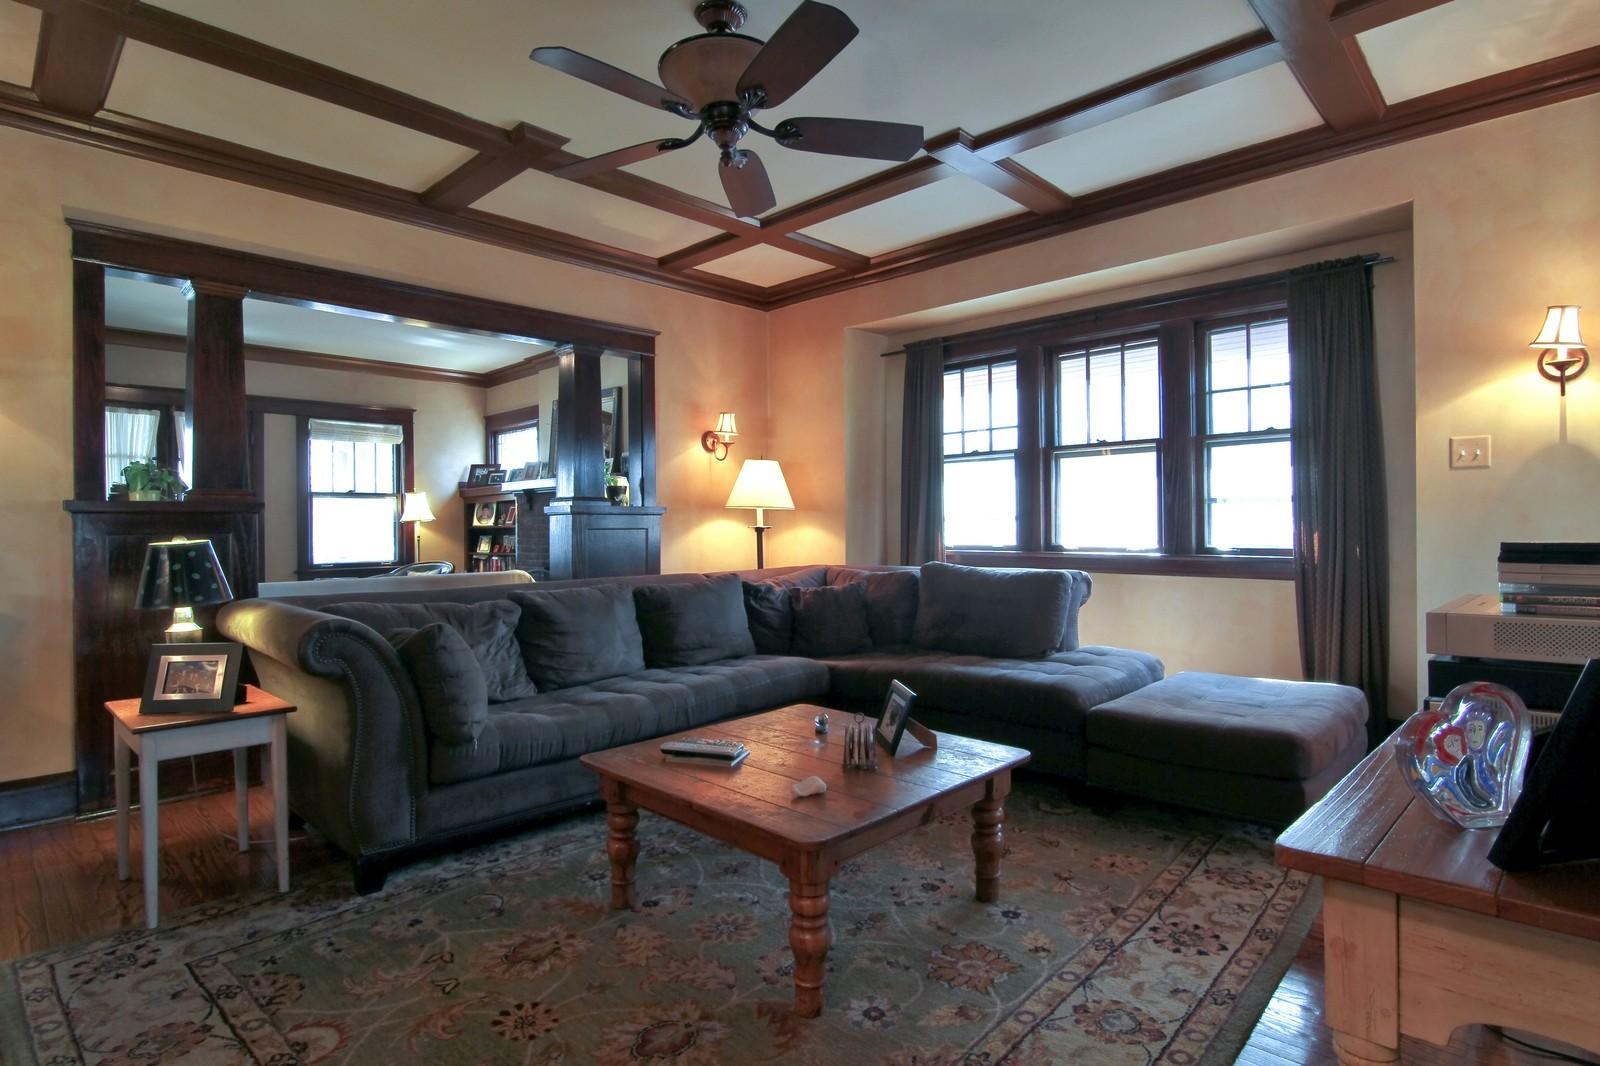 Real Estate Photography - 338 S. 8th, La Grange, IL, 60525 - Location 1